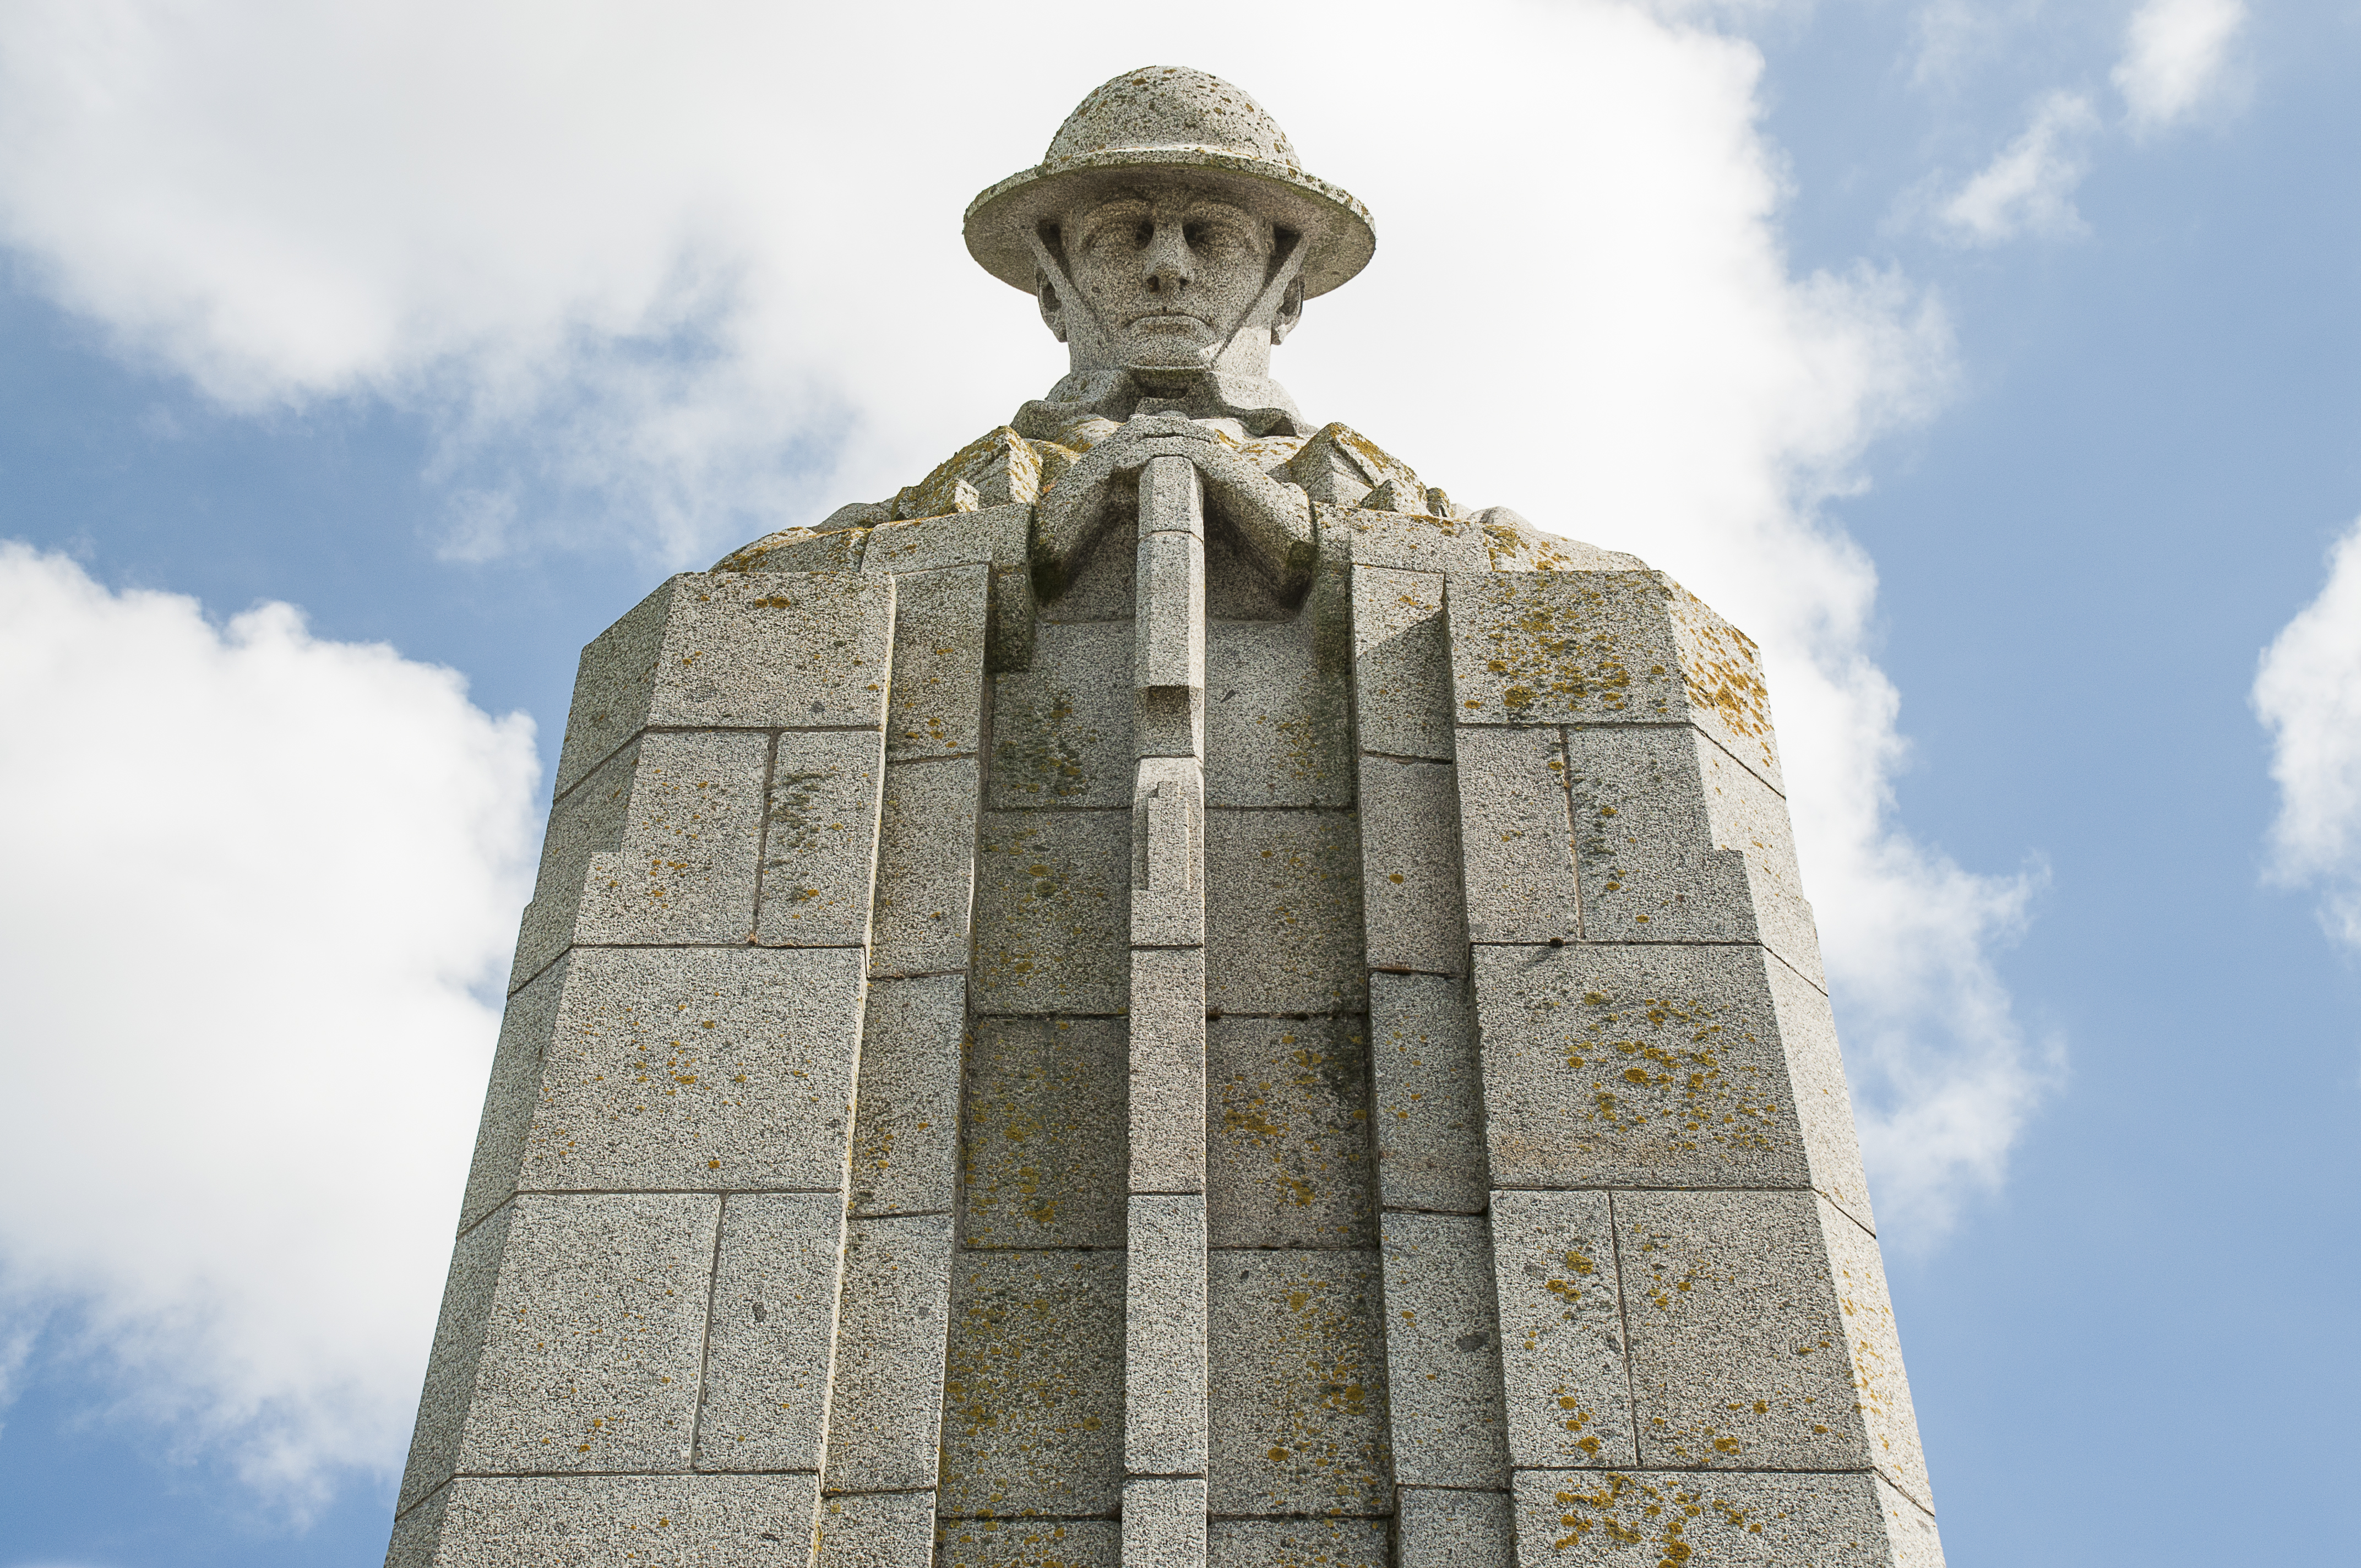 St Julien Memorial